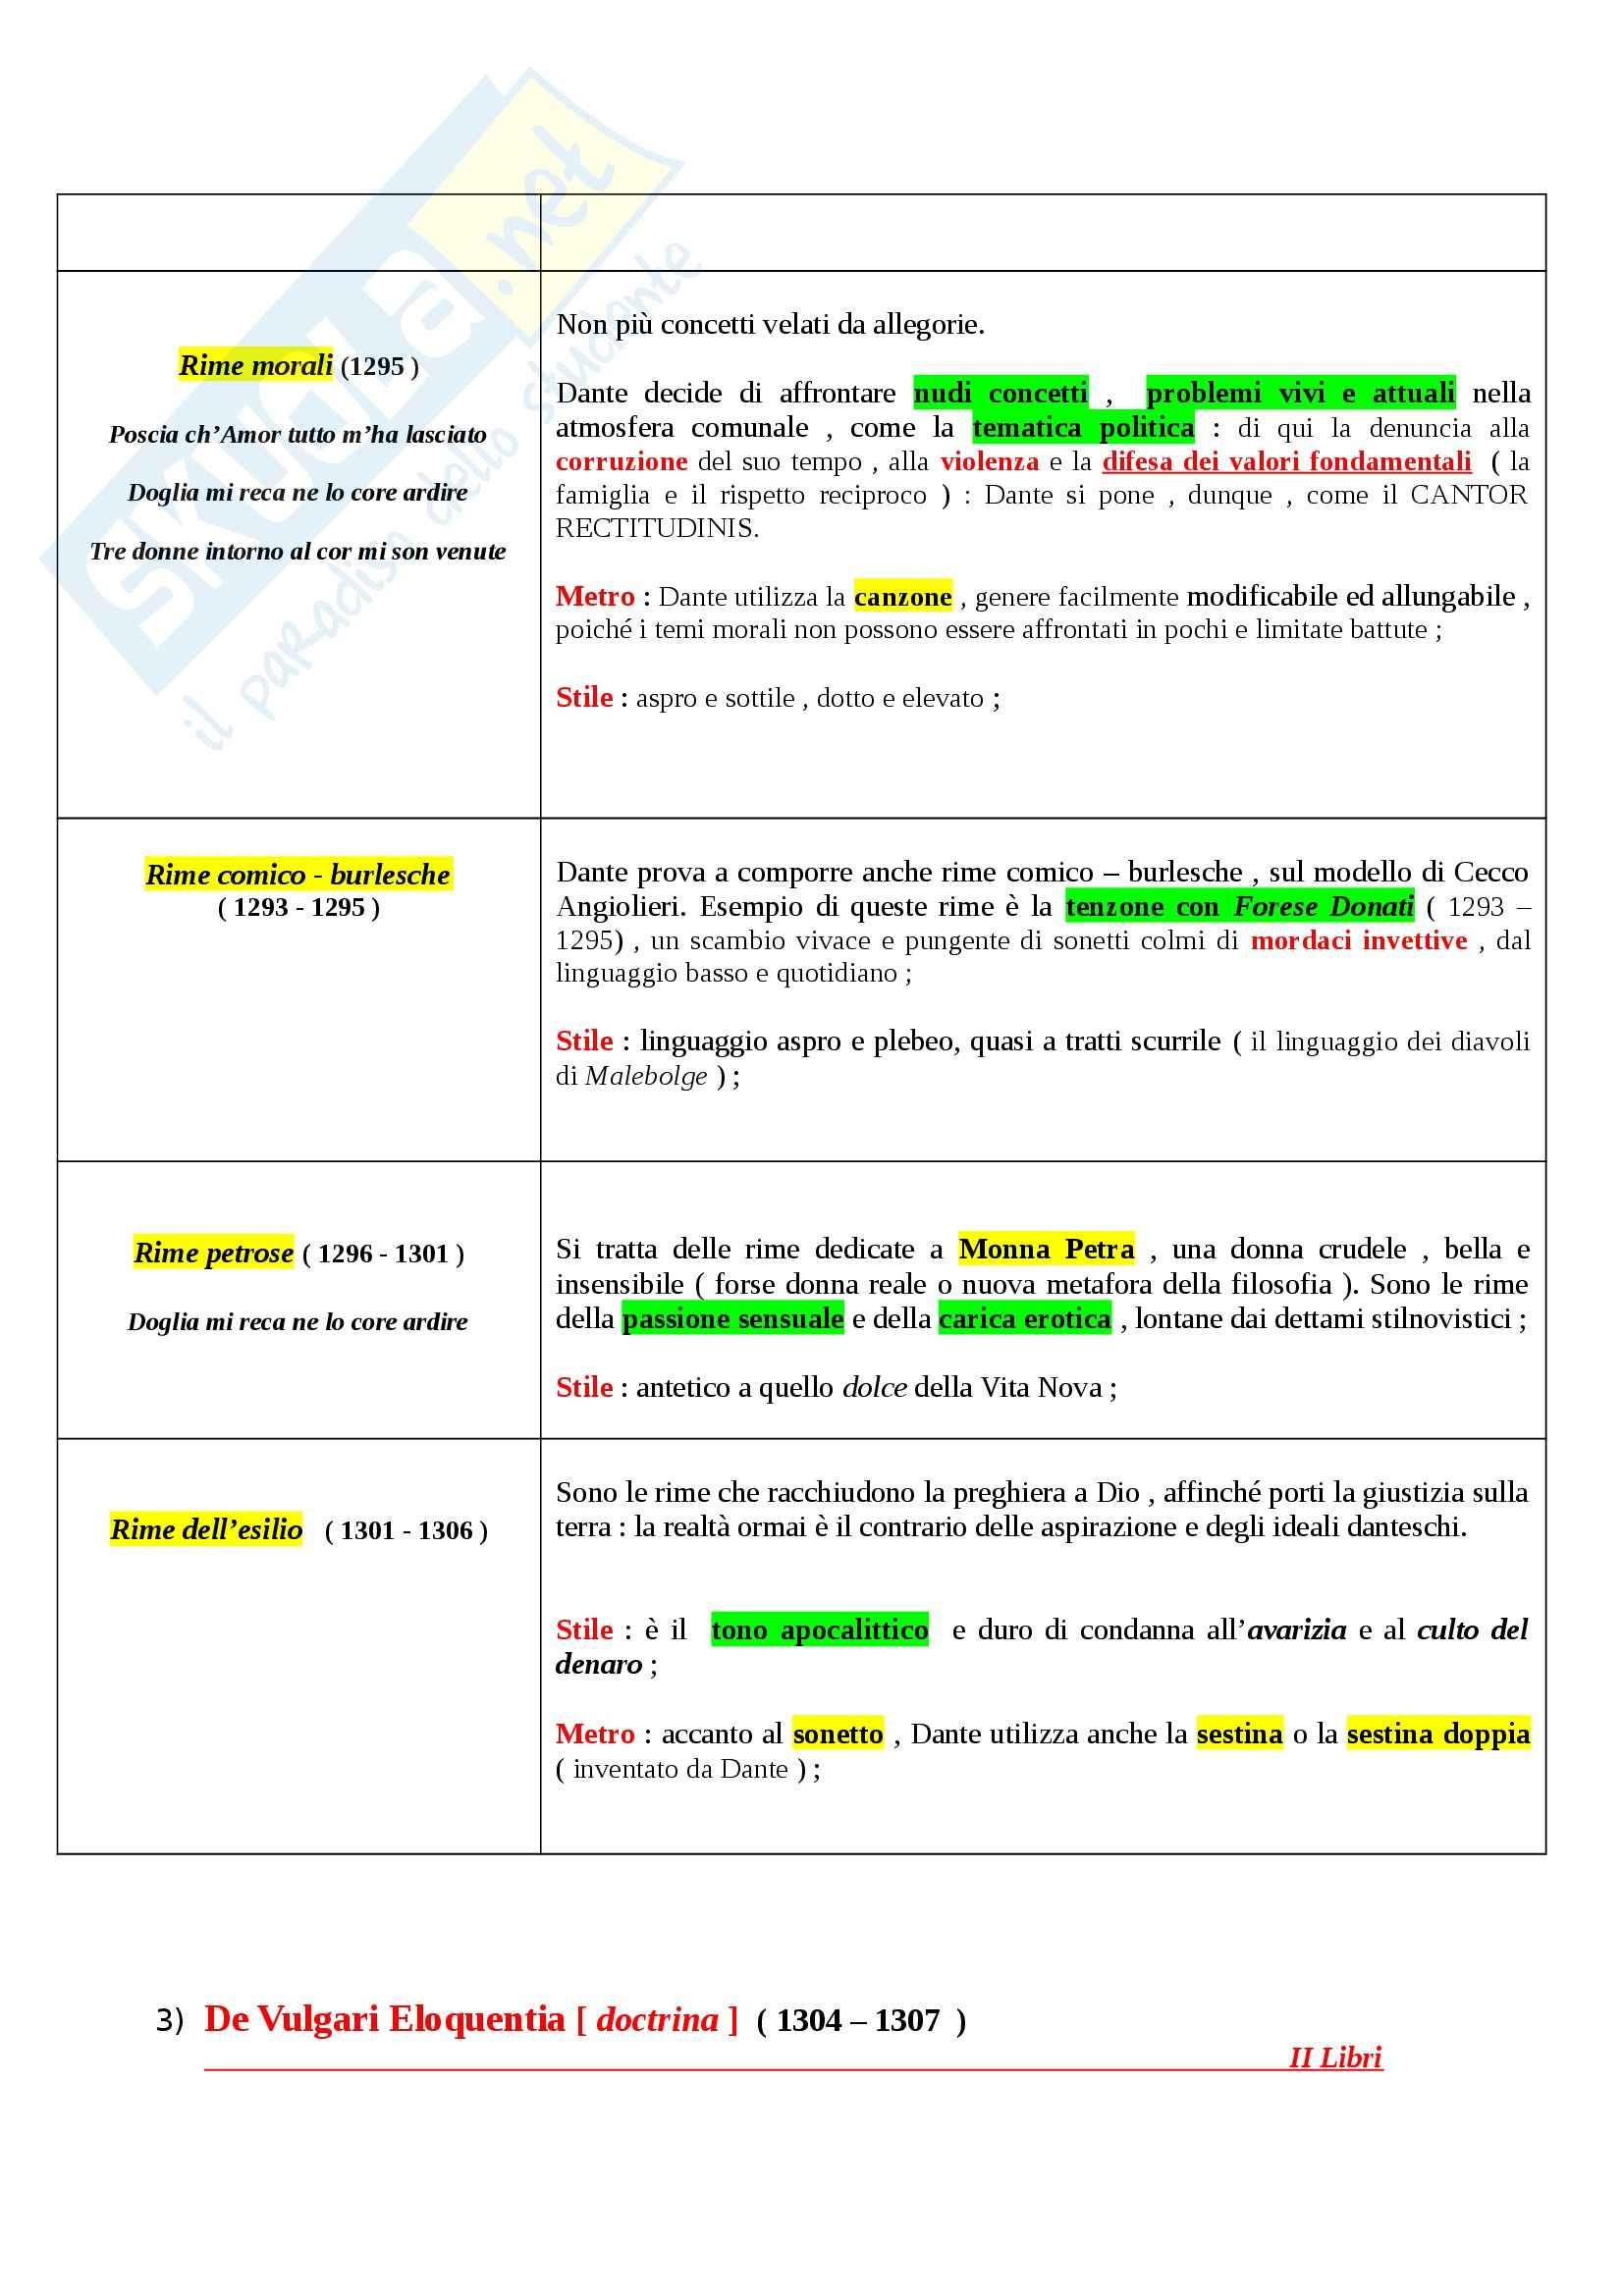 Riassunto esame Letteratura Italiana: La Letteratura Italiana, dalle Origini al Secondo Ottocento, prof. Paolino Pag. 26